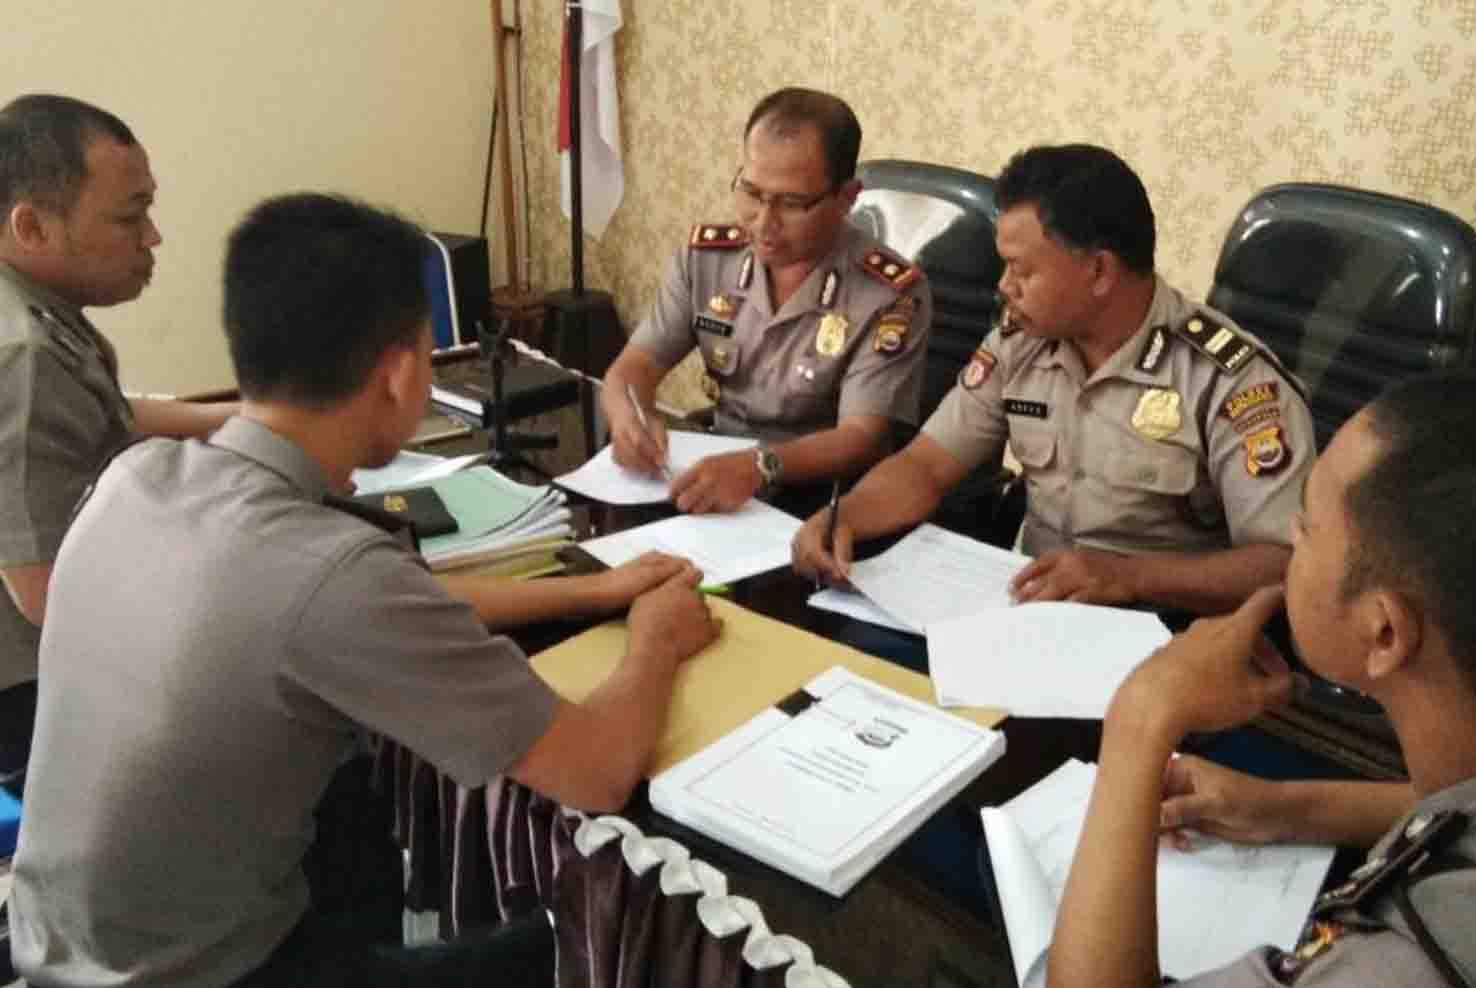 Wakapolres Kepahiang Pimpin Rapat Persiapan Wasrik Itwasum Polri